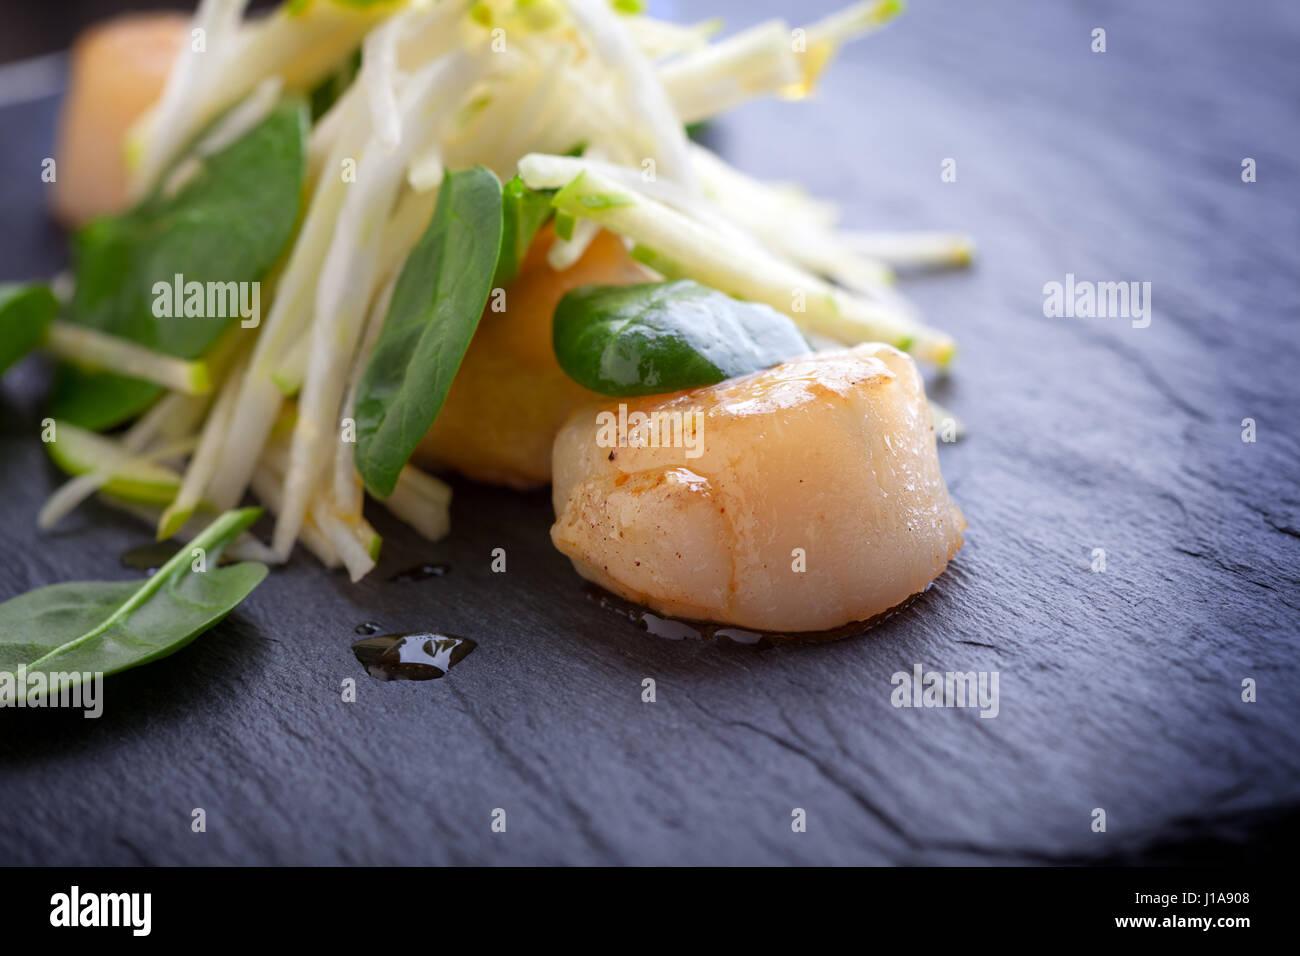 Salade de pétoncles avec Apple, les épinards sur une plaque en pierre. Photo Stock